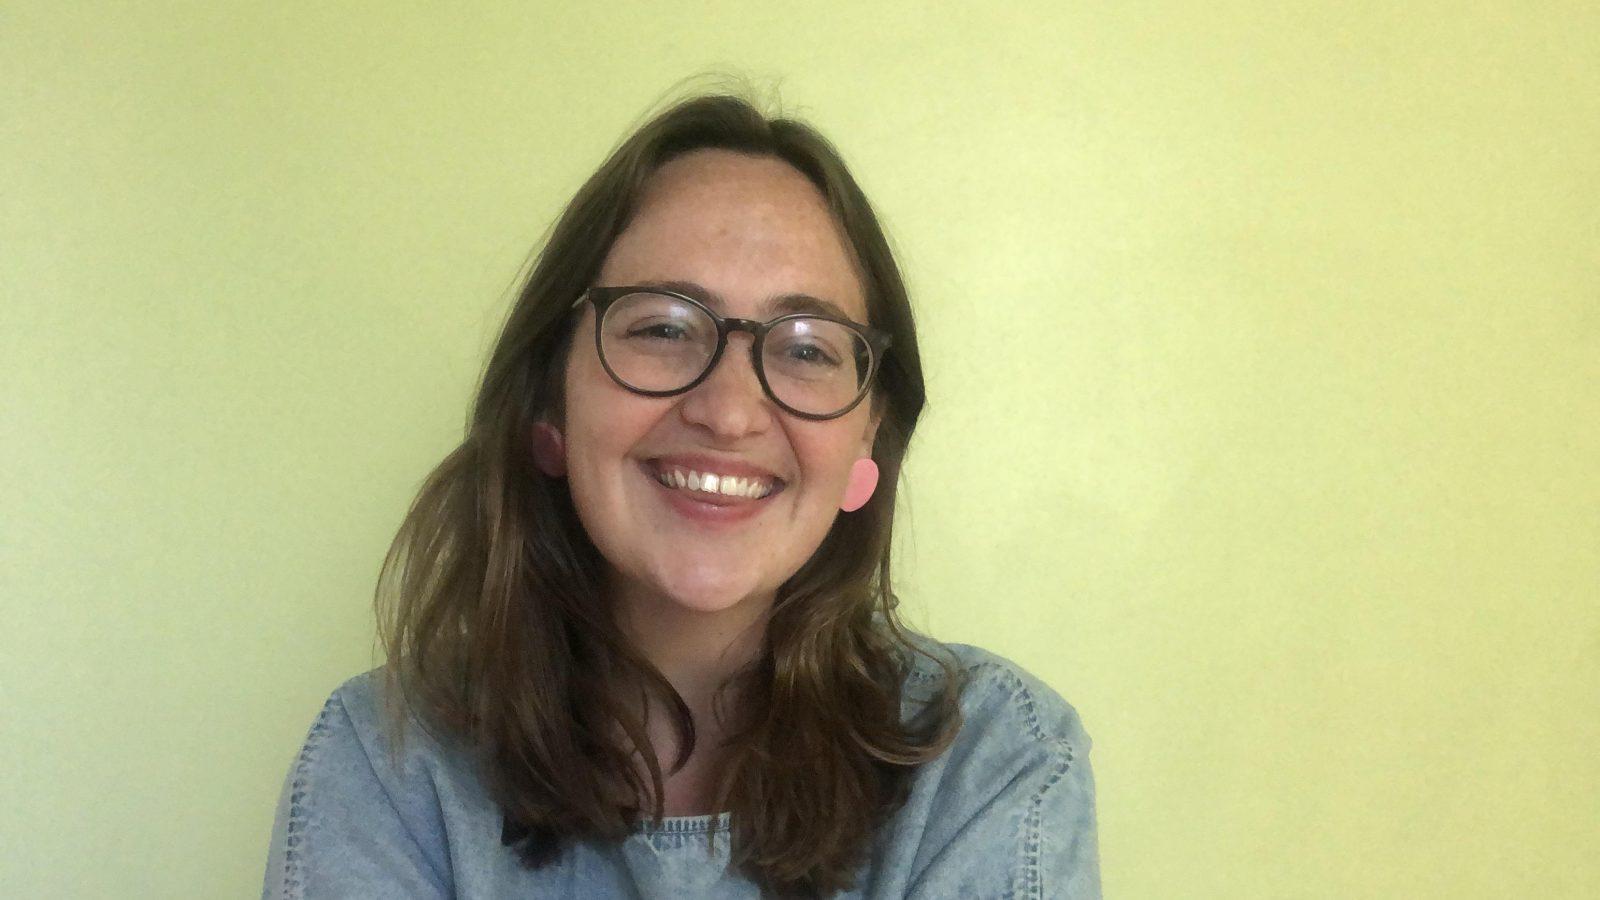 Megan Broughton